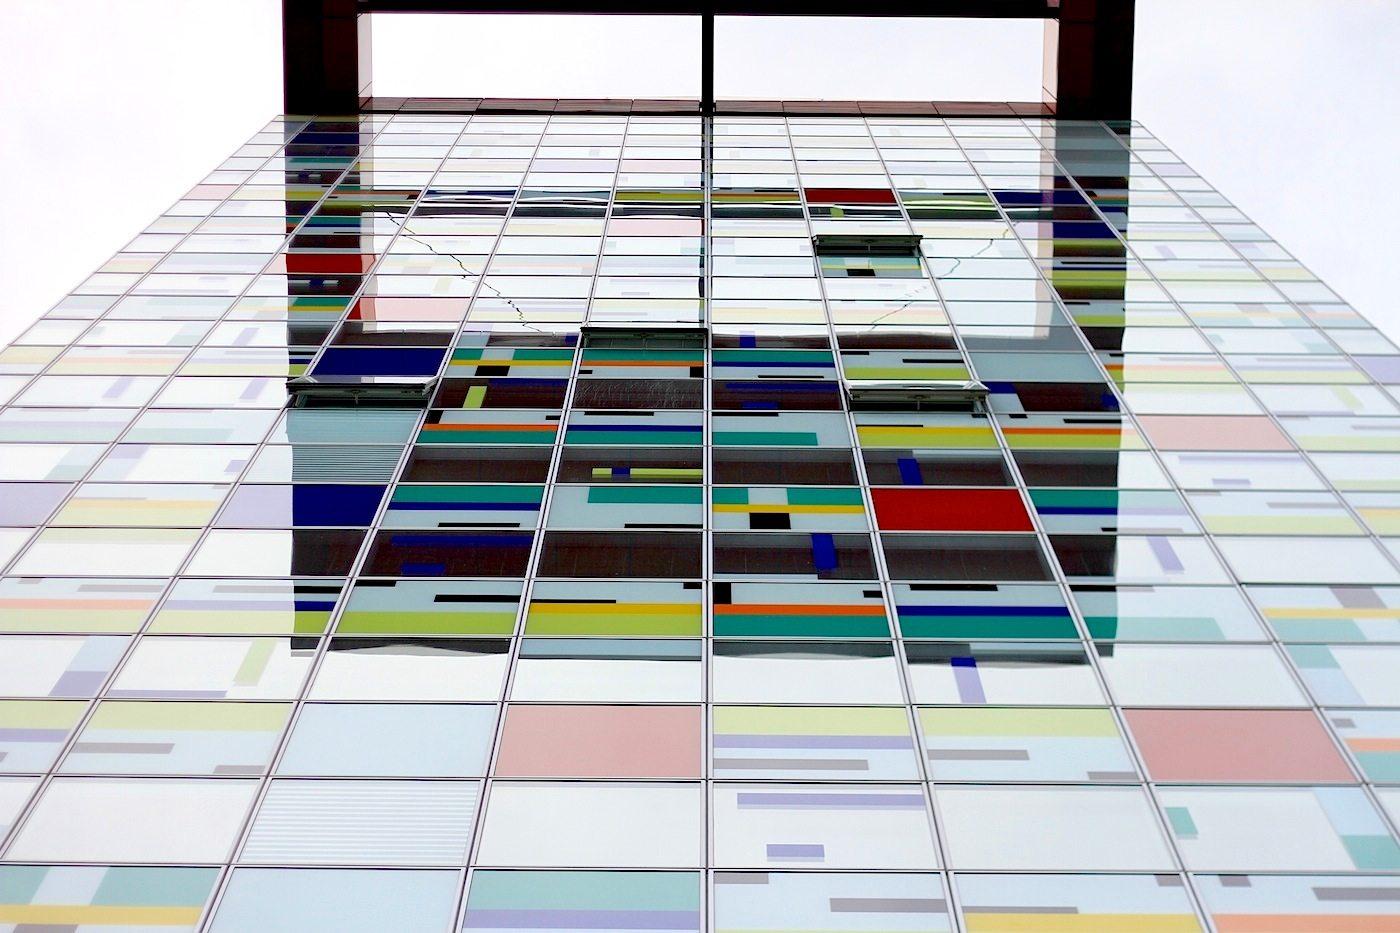 Colorium.  Von William Allen Alsop. Fertigstellung 2001. 17-geschossiges Hochhaus mit mehrfarbiger Fassade und rotem Technikgeschoss. Über 2200 farbig bedruckte Glaspaneele bilden mit einem innenliegenden Sonnenschutz die Vorhangfassade.